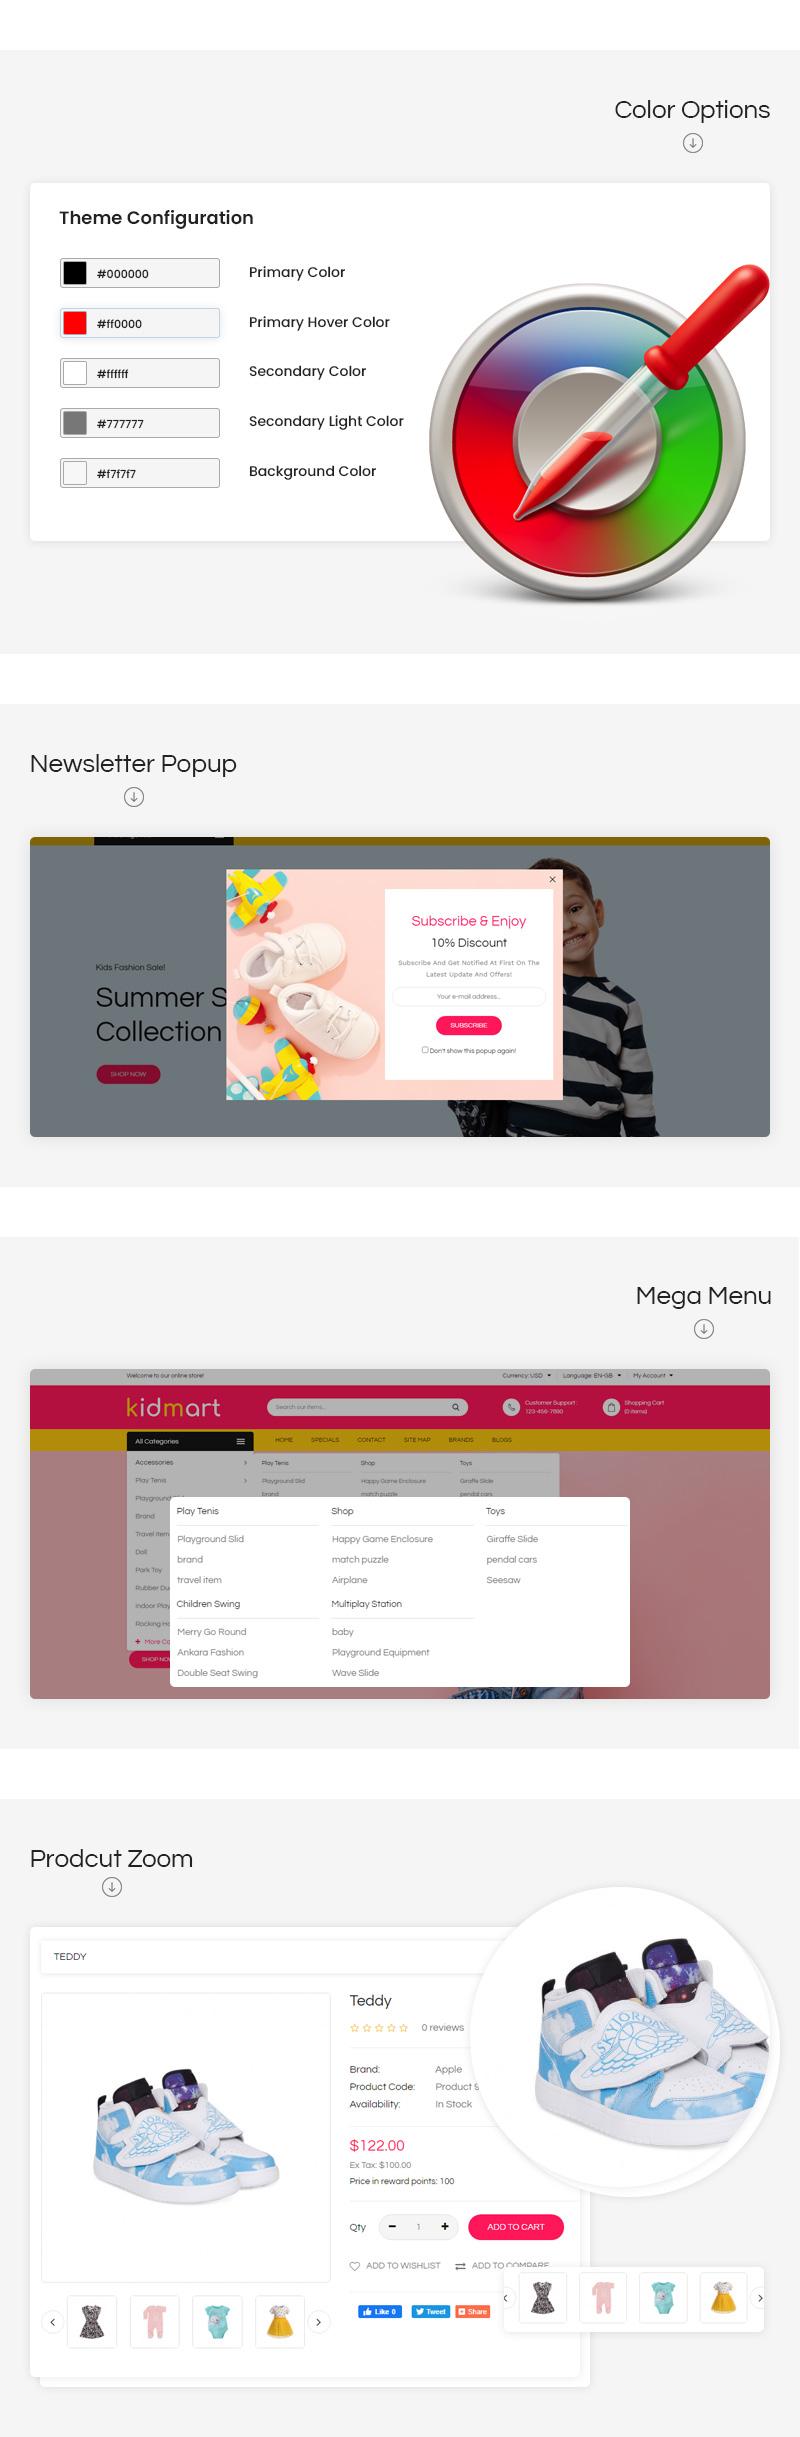 kidmart-features-3.jpg